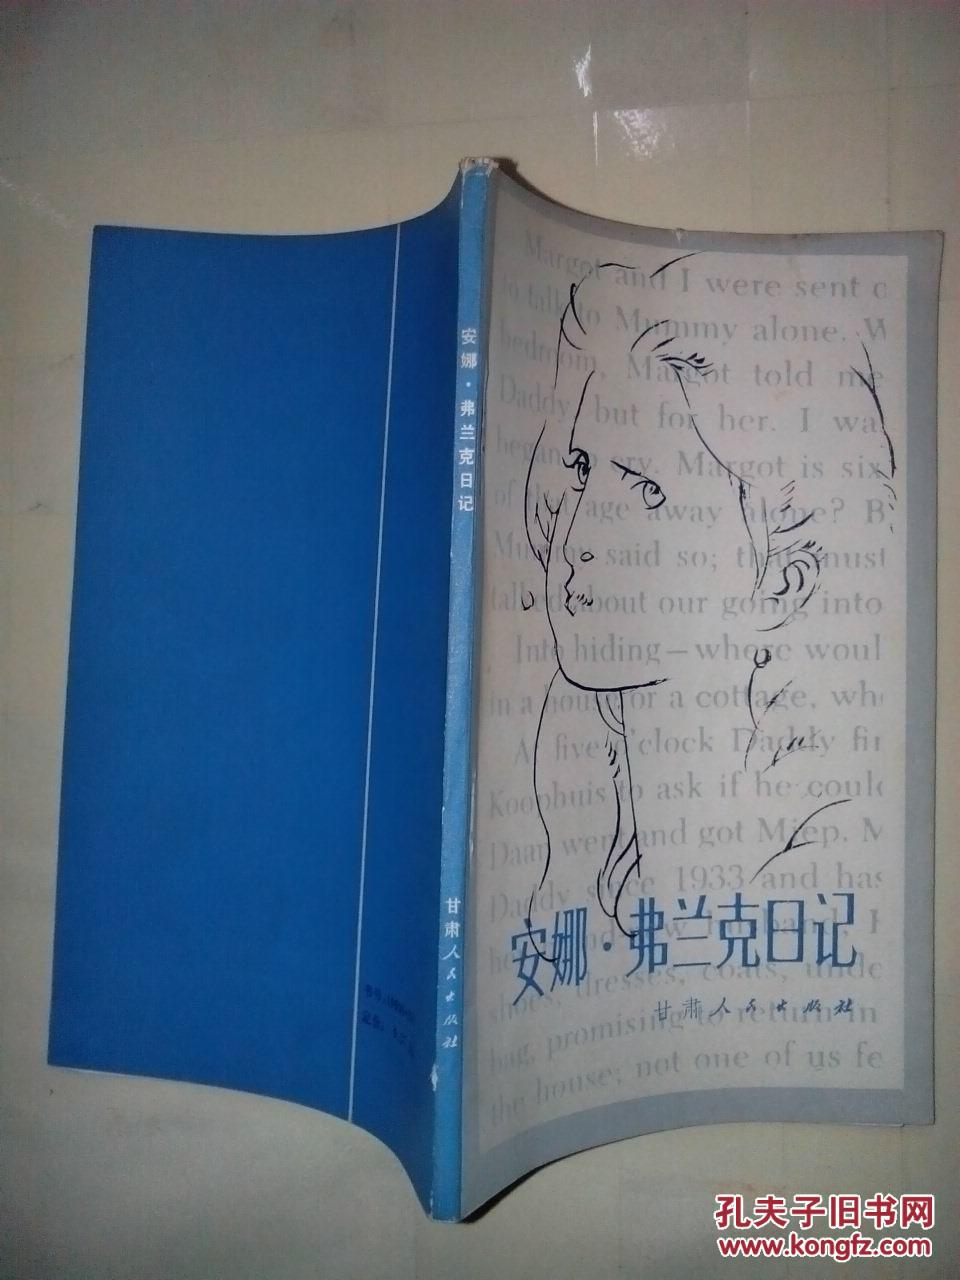 【图】安娜.弗兰克 日记